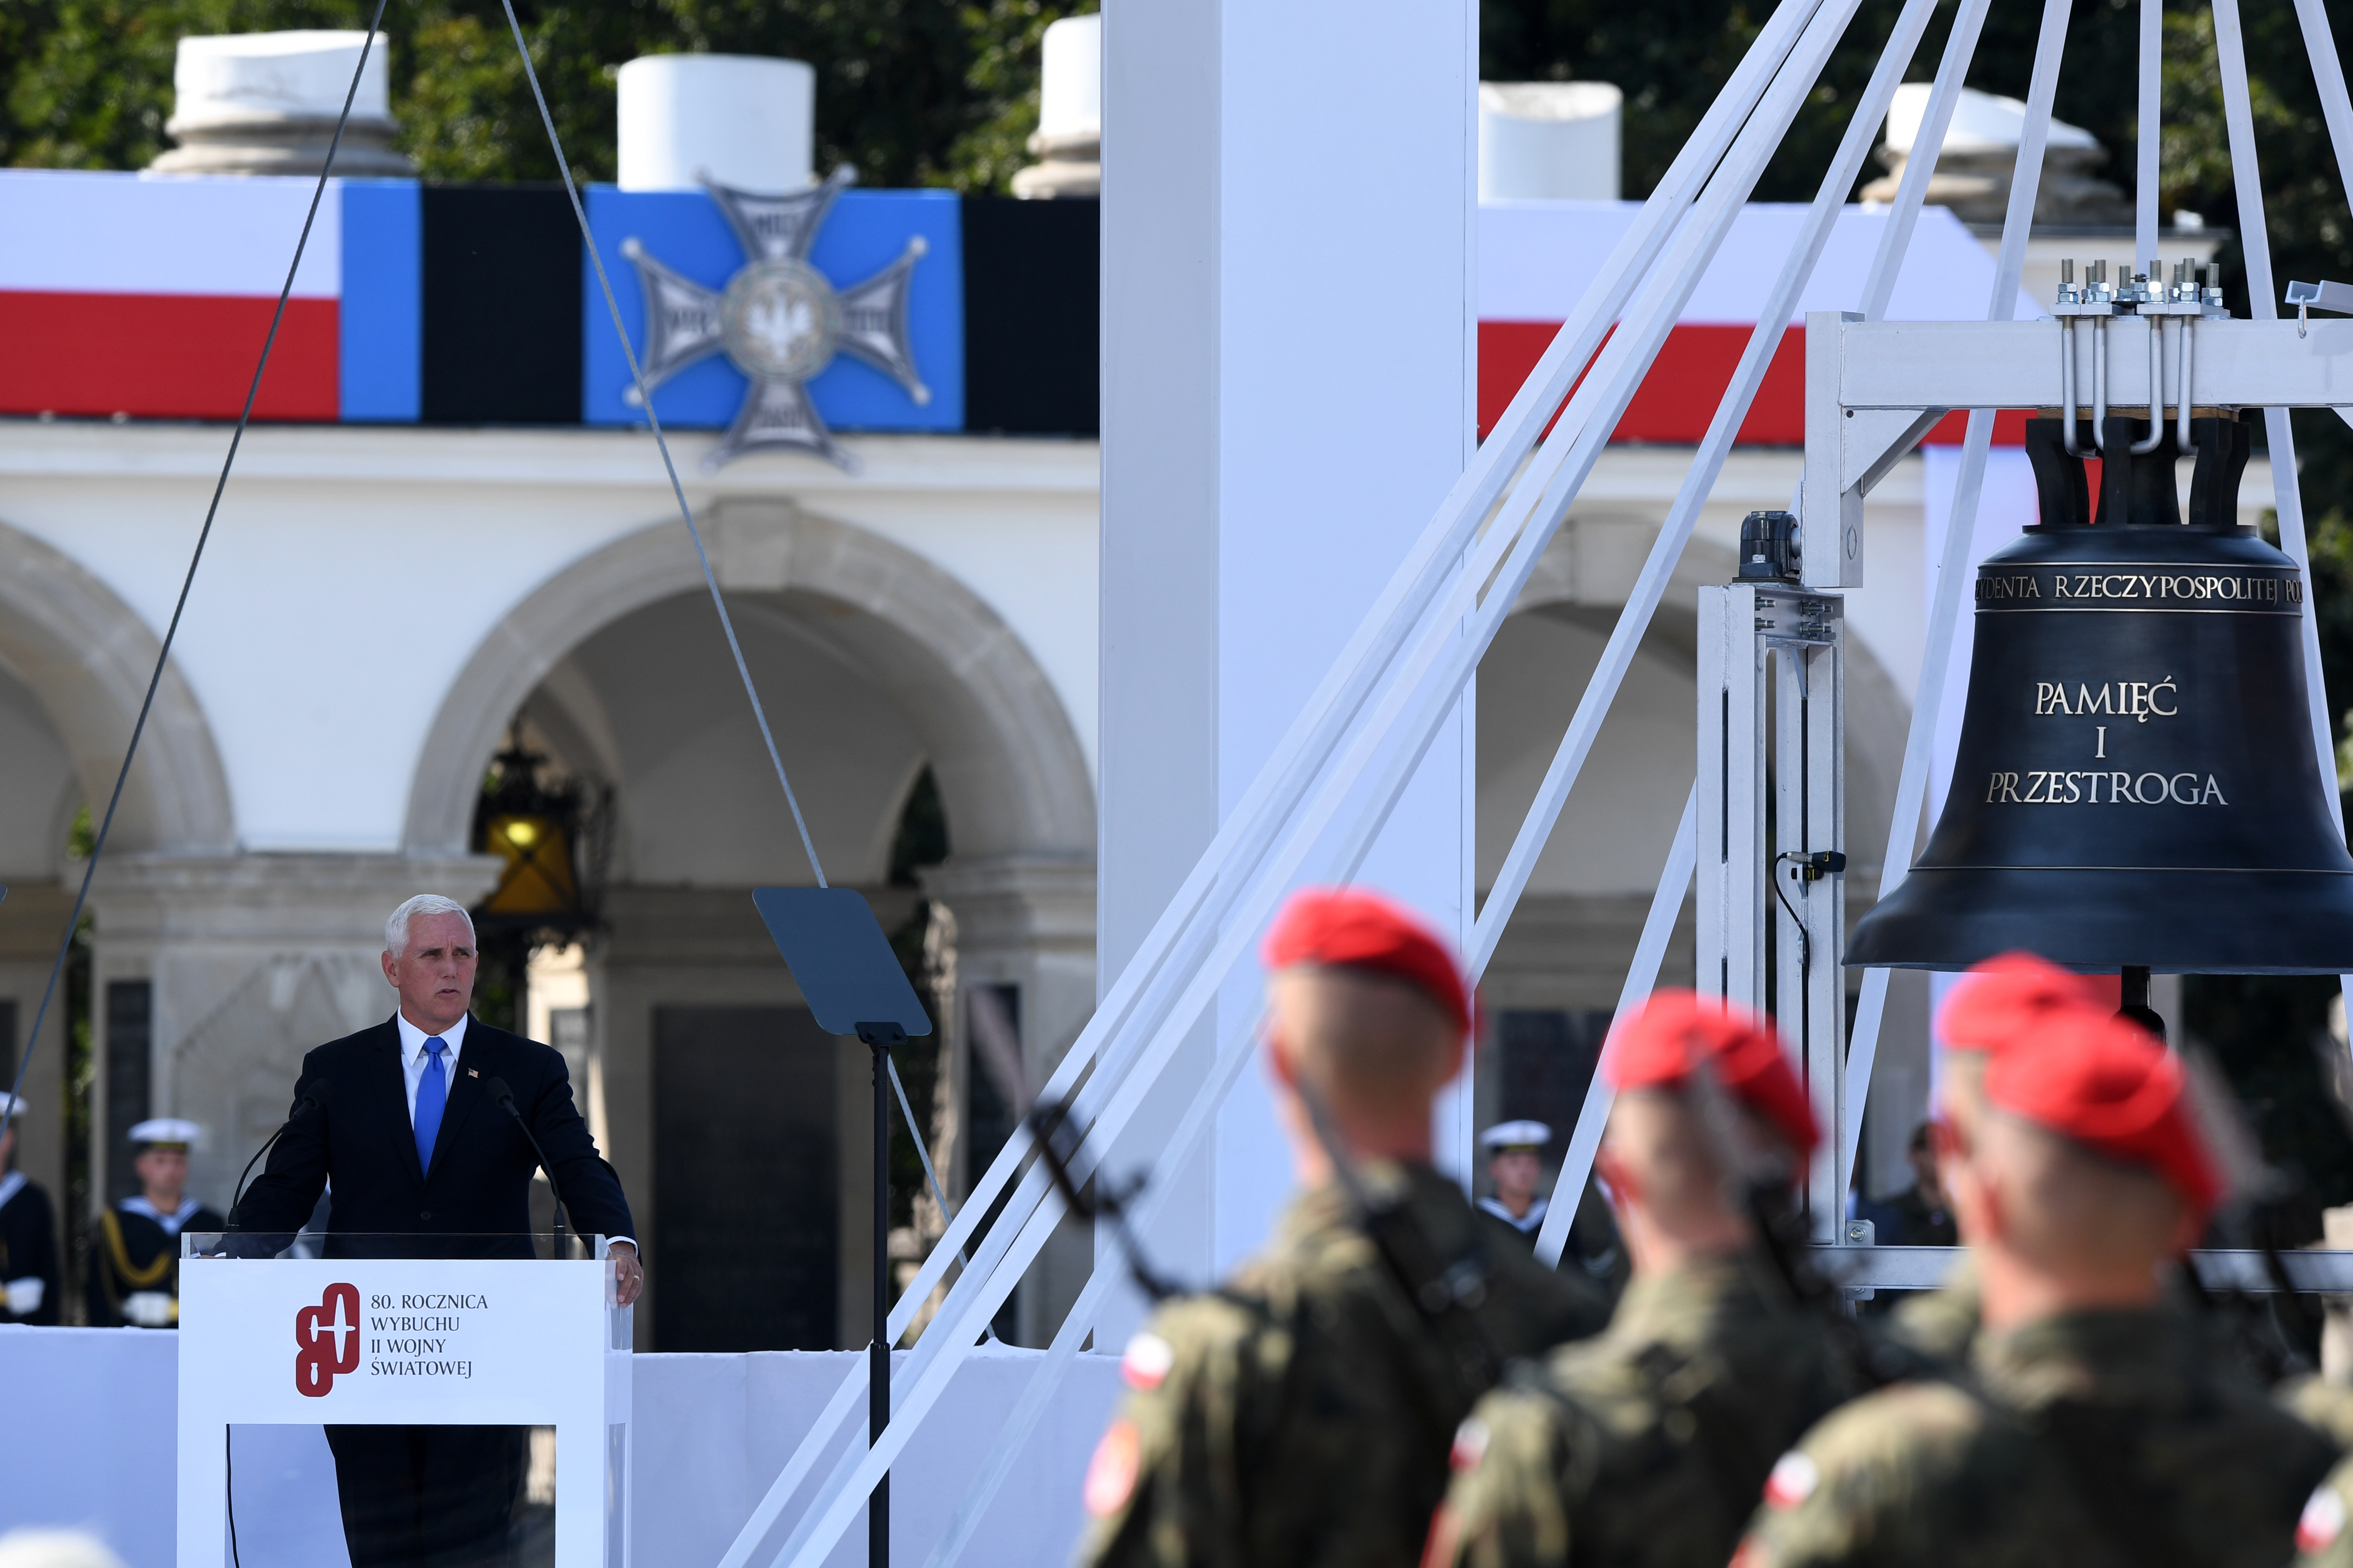 من مشاركة نائب الرئيس الأميركي مايك بنس في المراسم التي جرت في بولندا